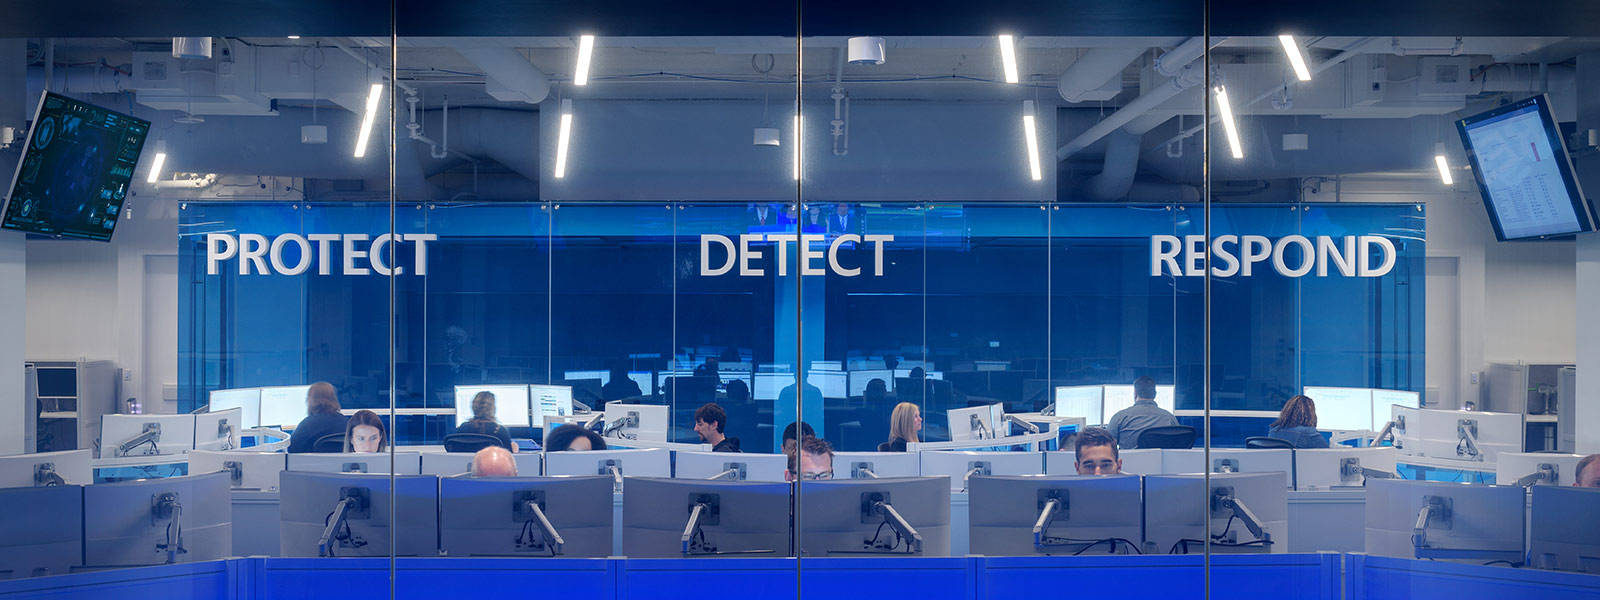 Mensen in een computerlokaal die werken aan Windows Defender ATP